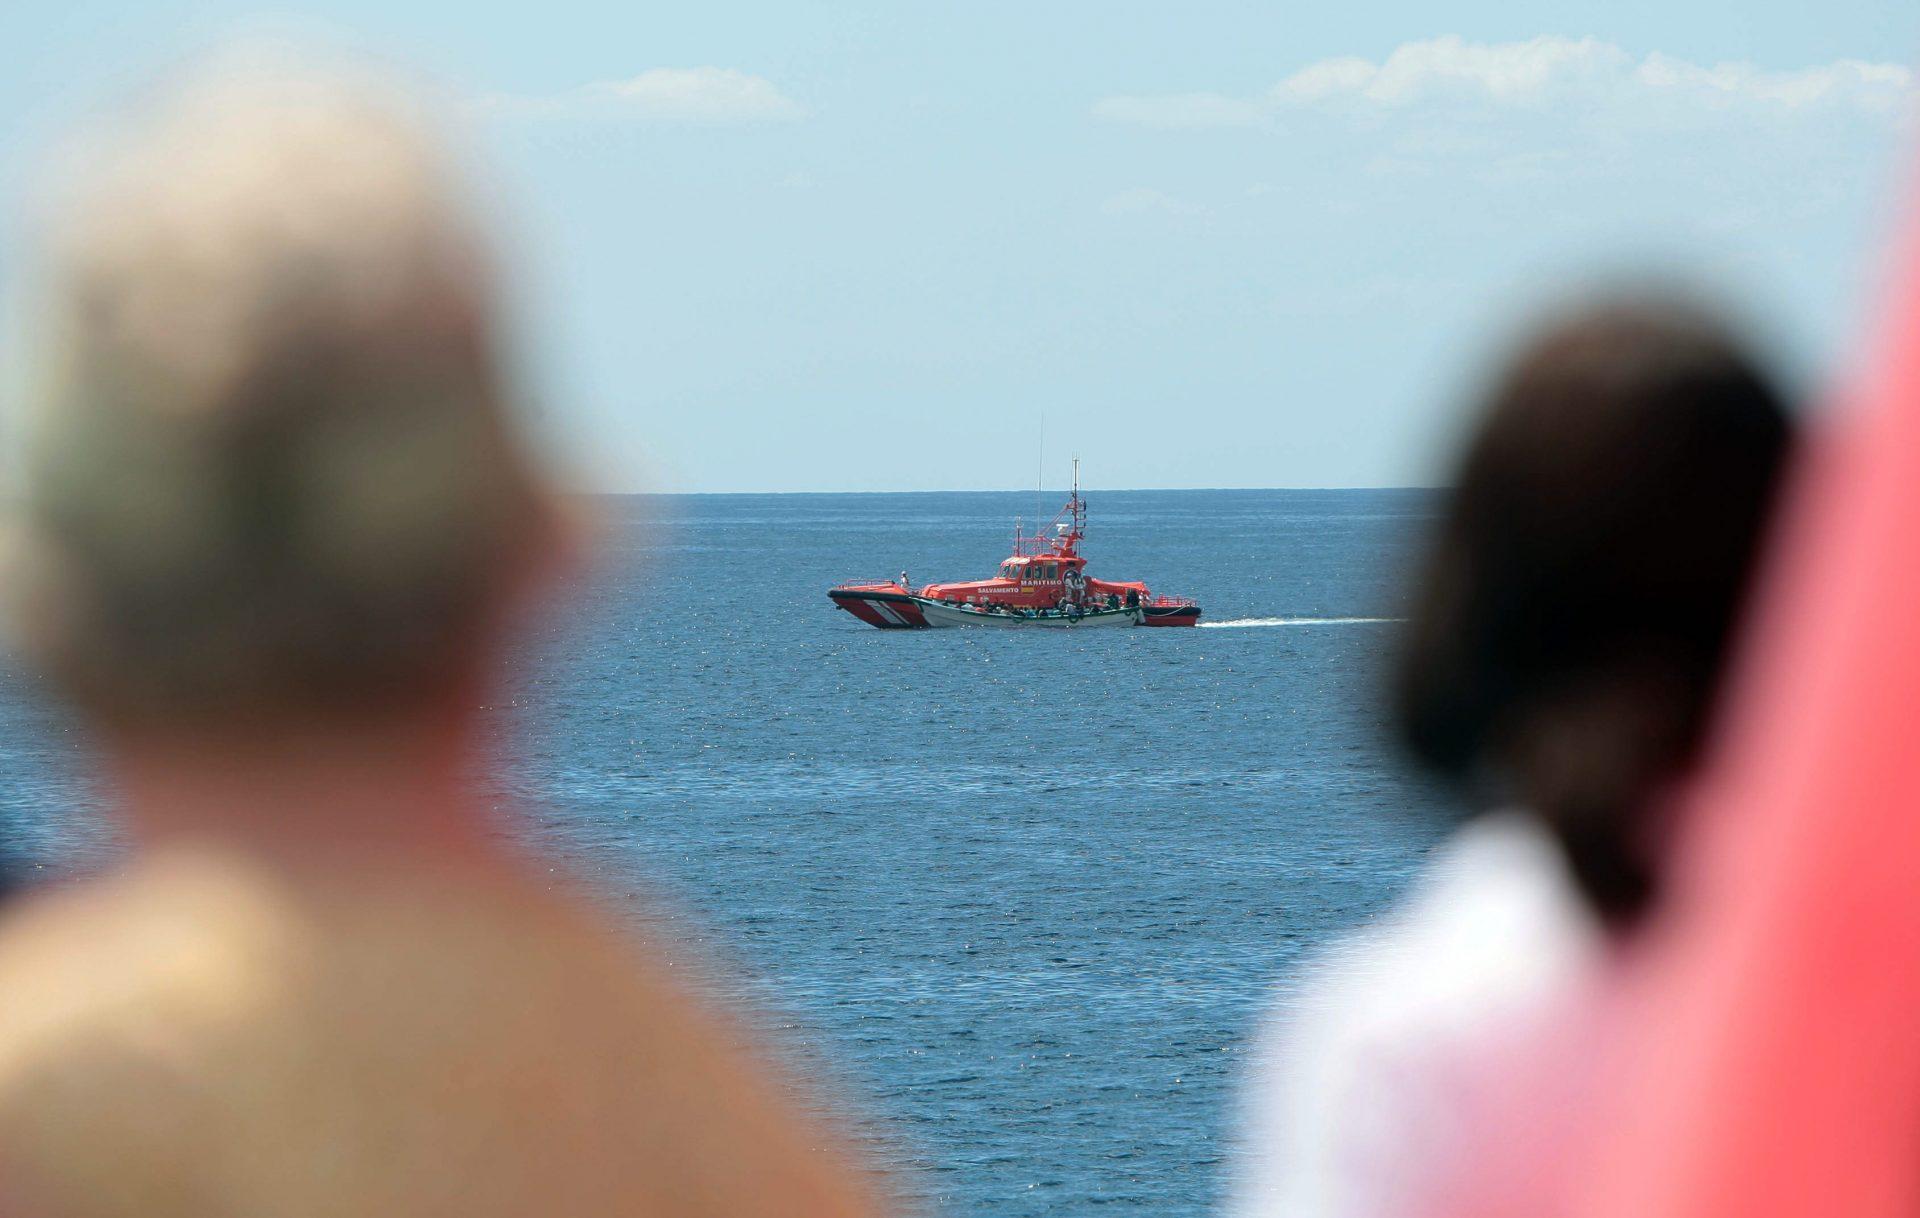 En el mes de septiembre más de 2.200 personas llegaron a las costas canarias por vía marítima, lo que supone un 35% de quienes lo han logrado a lo largo de este año 2020. DA